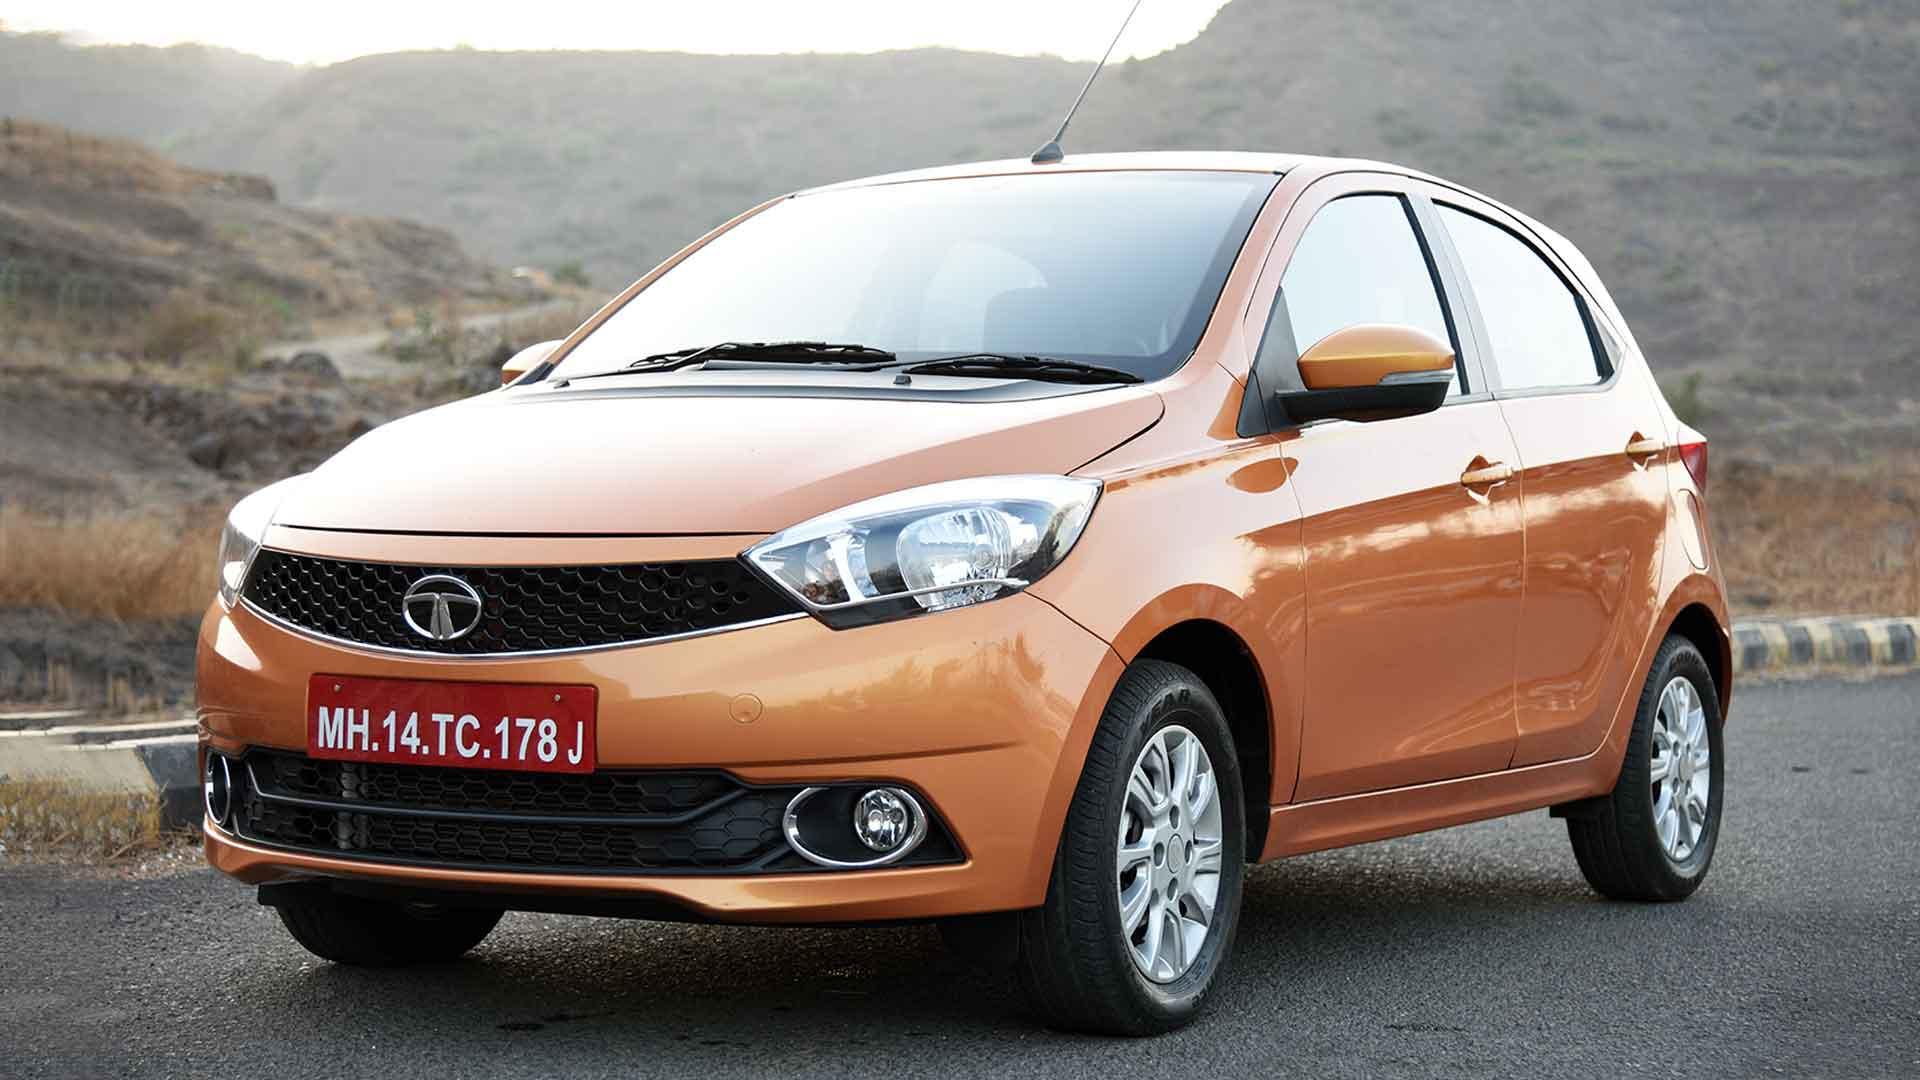 Tata Tiago 2016 Revotron XZ Compare